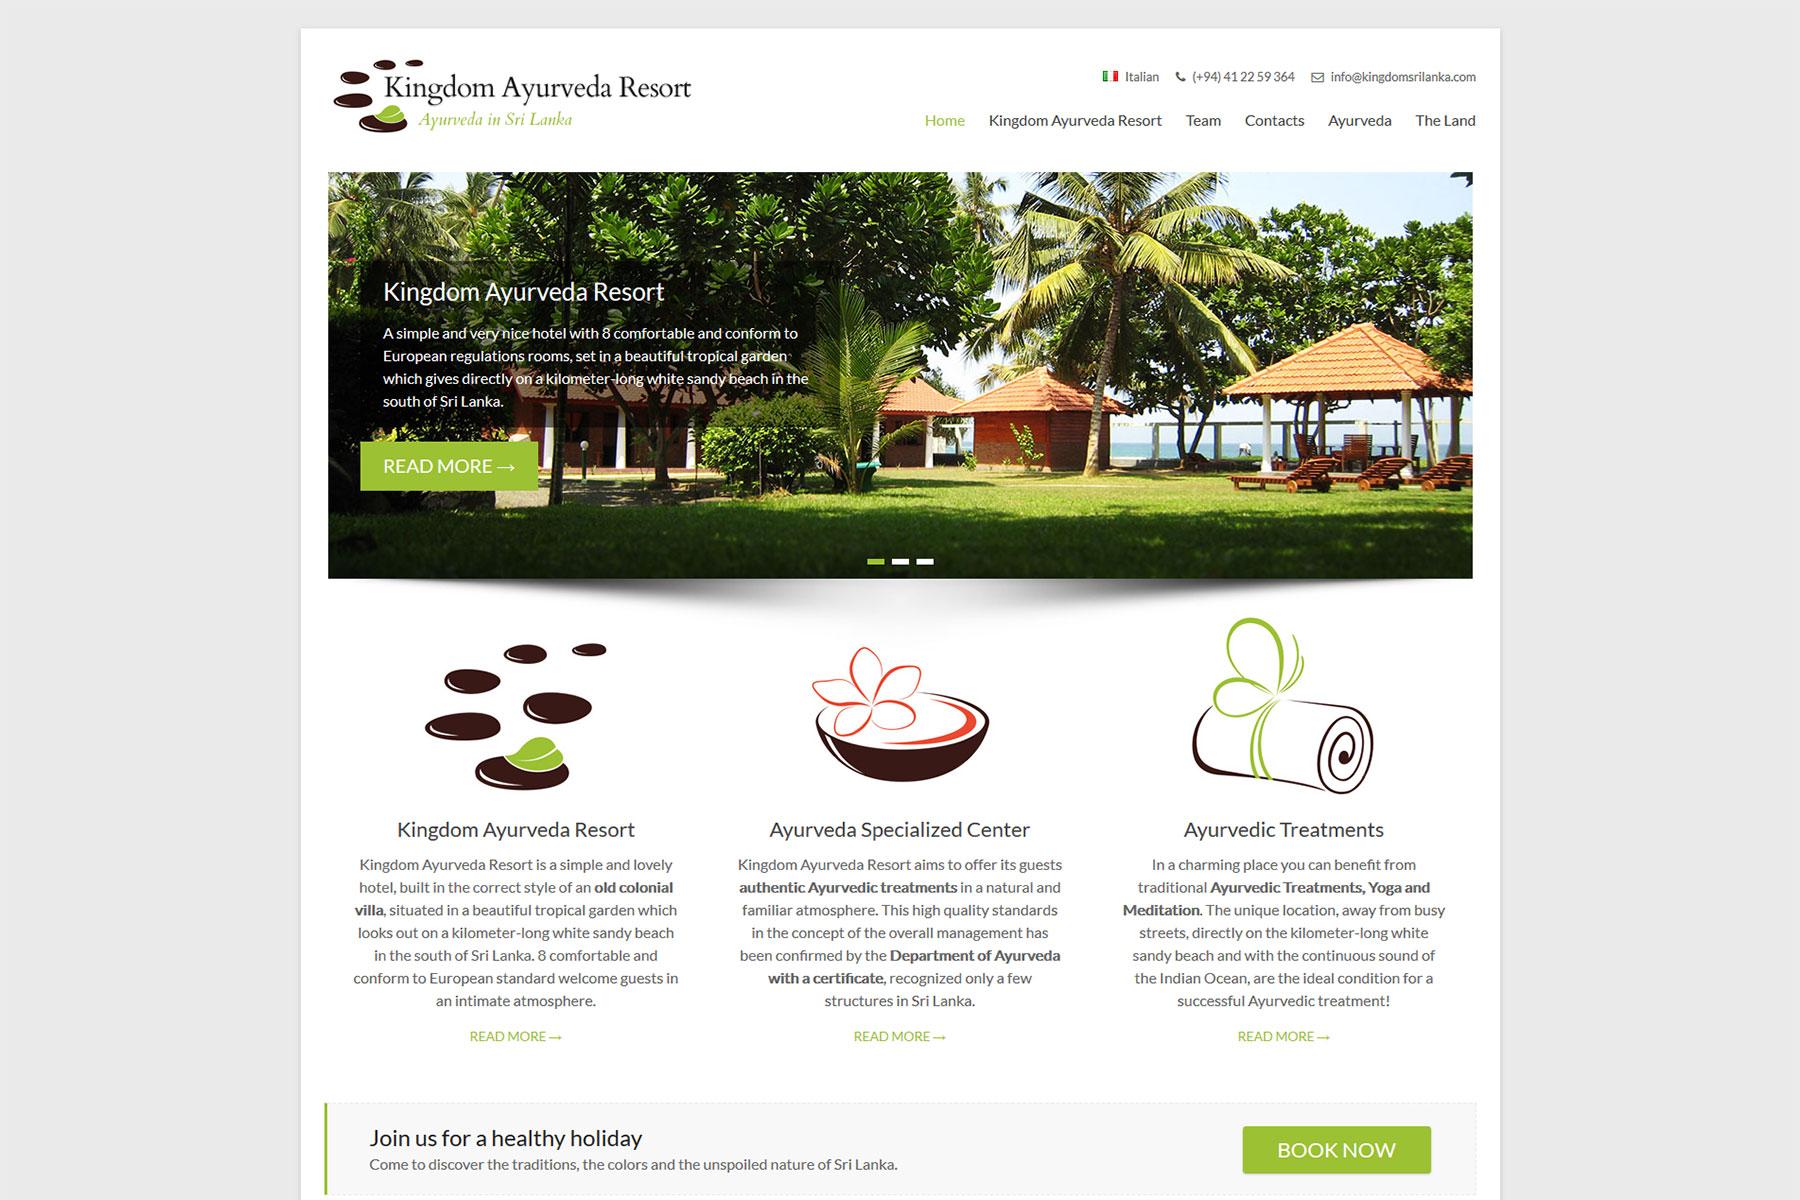 xplay-agenzia-web-sito-hotel-kingdom-ayurveda-resort-sri-lanka